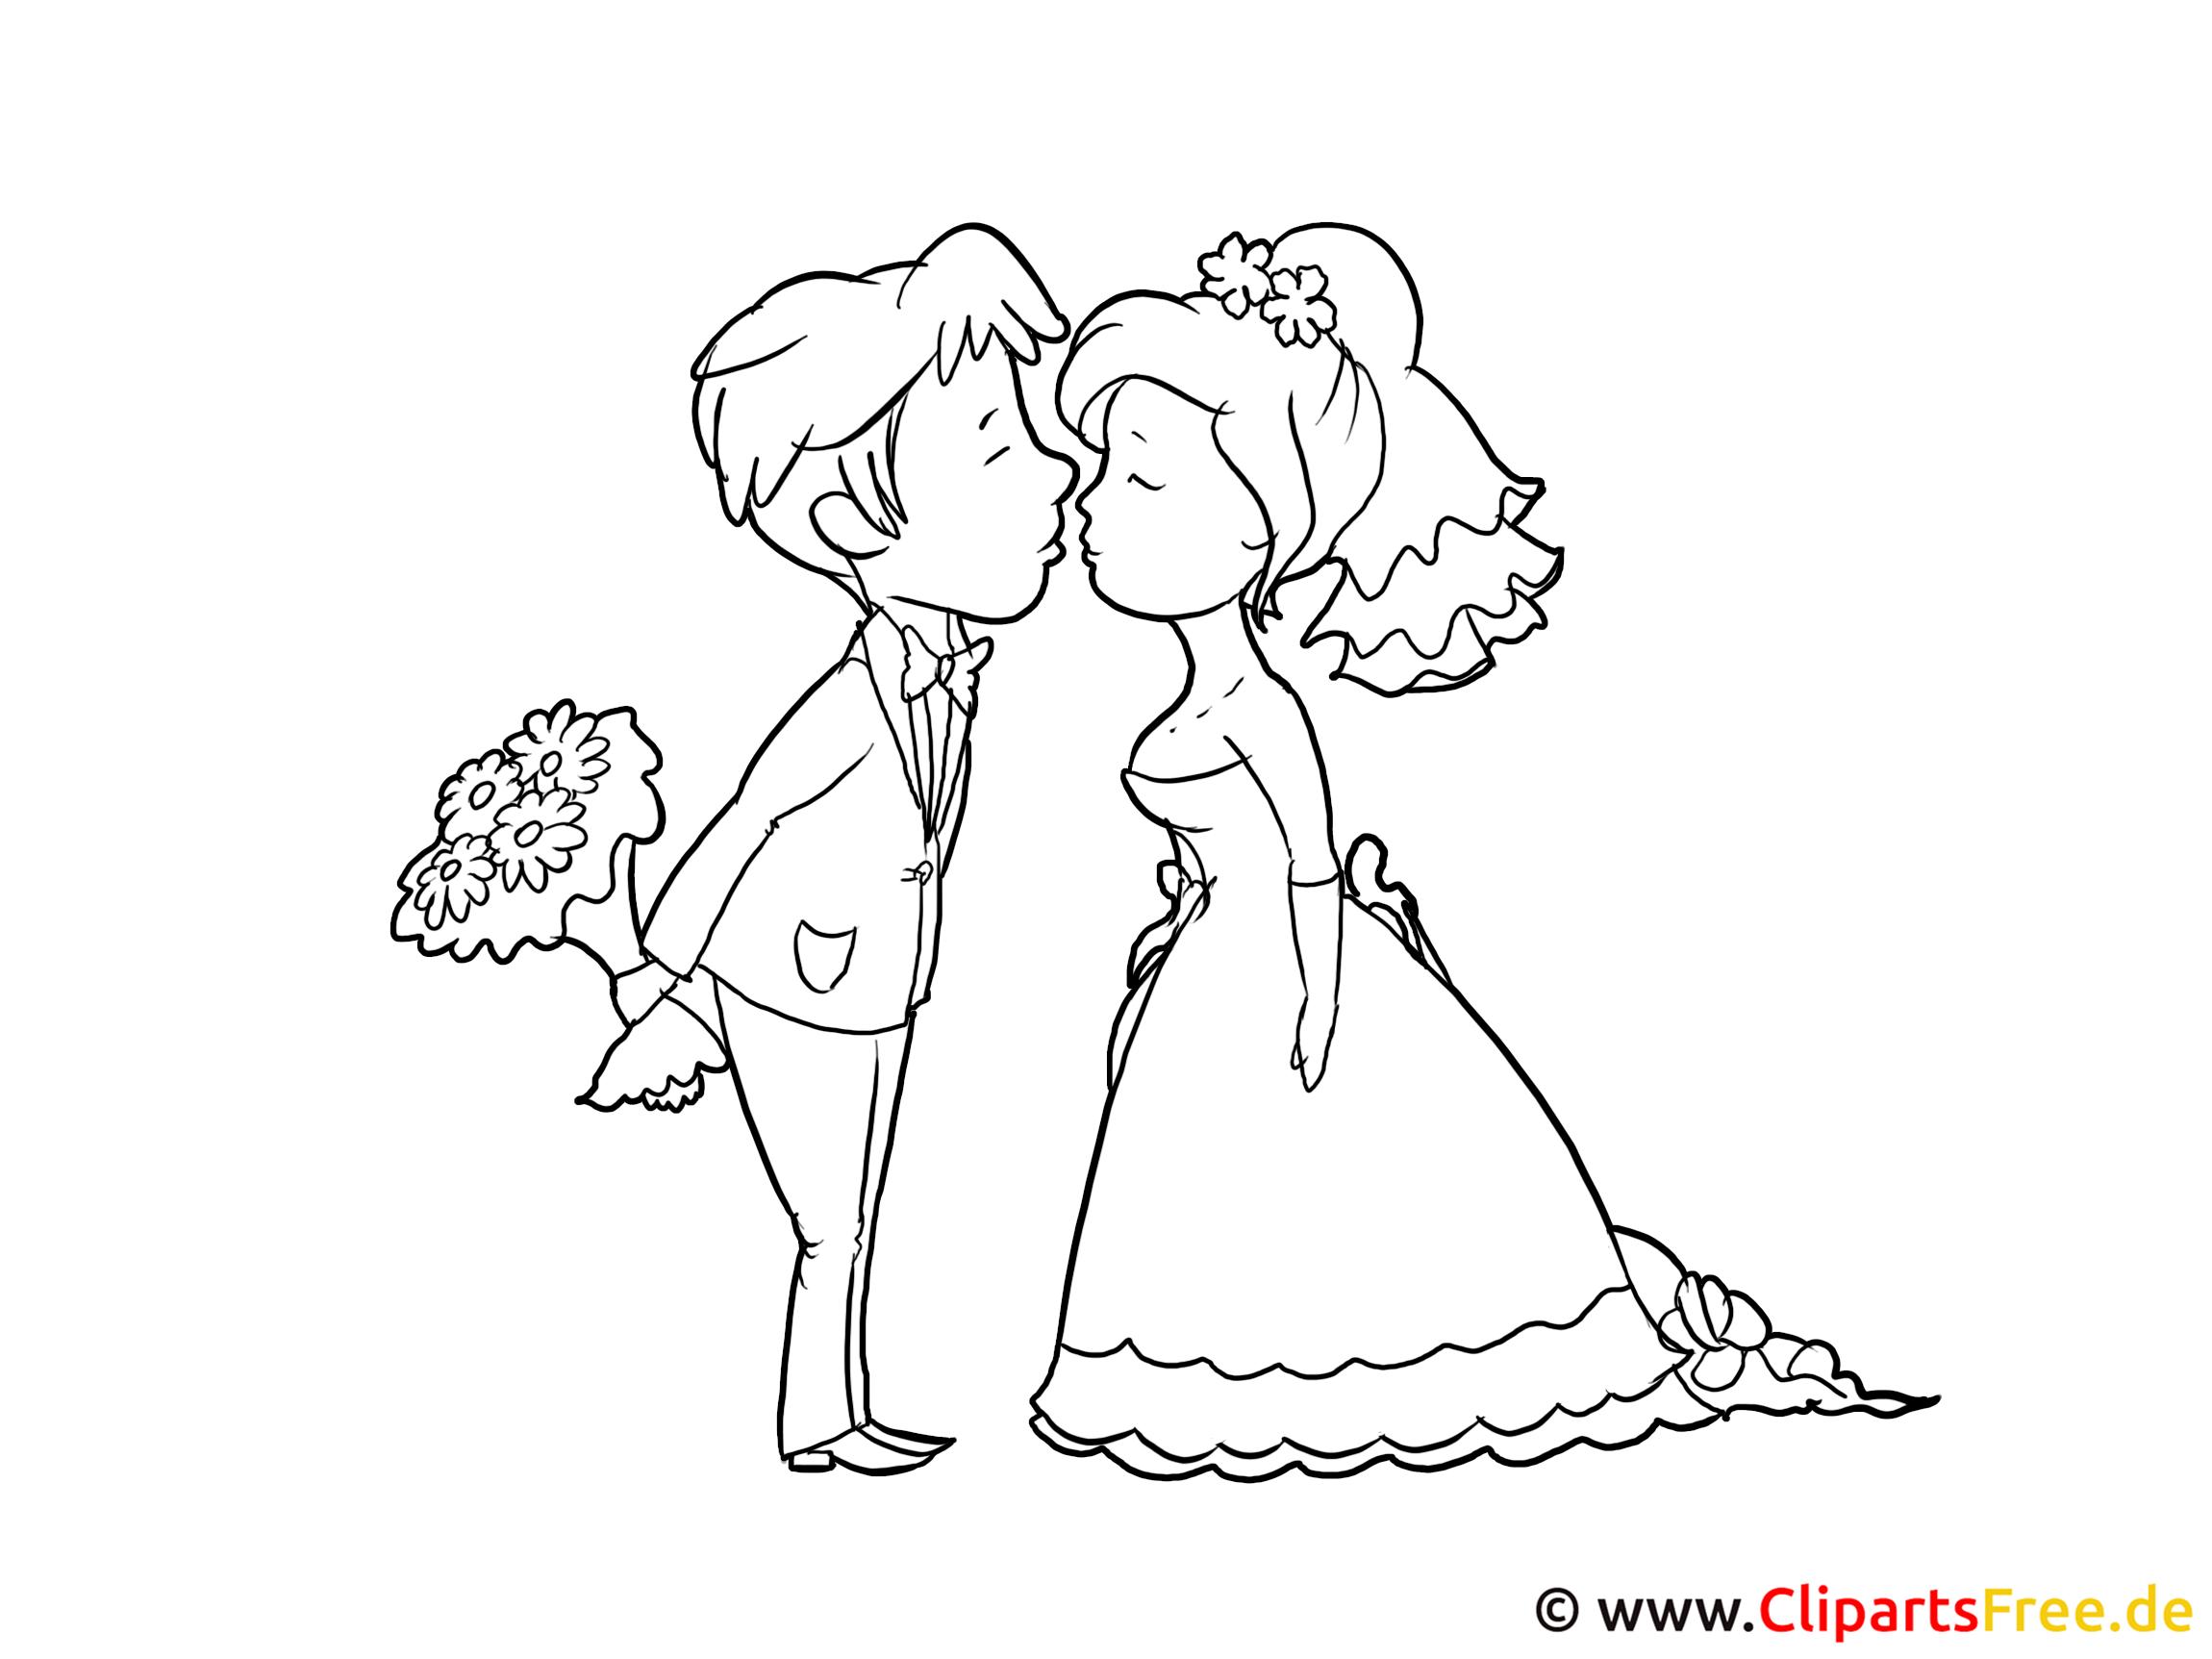 clipart kostenlos brautpaar - photo #2